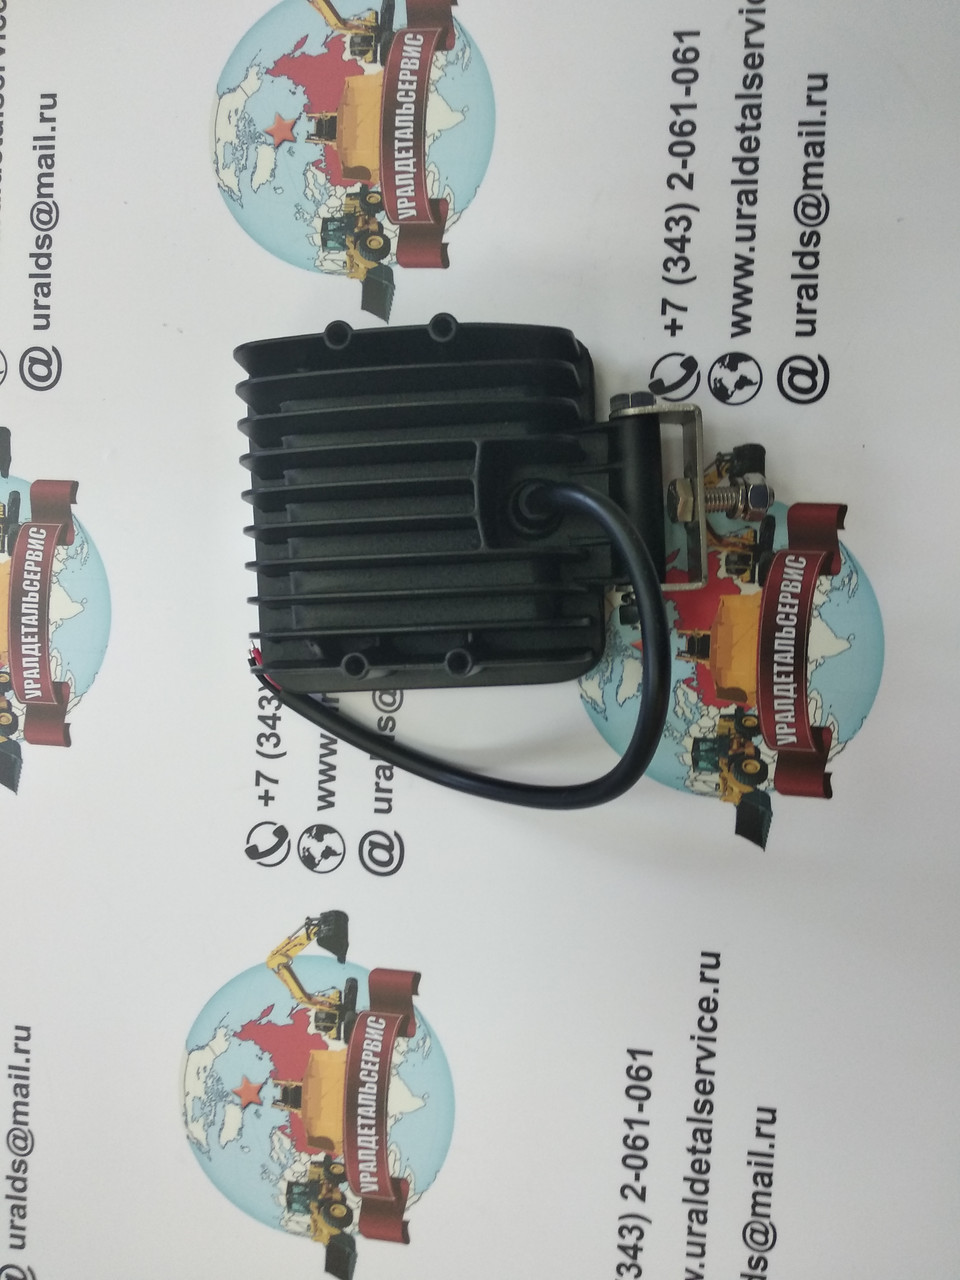 Svetodiodnaya-fara-UDS-012-LED-rabochego-sveta-foto-4